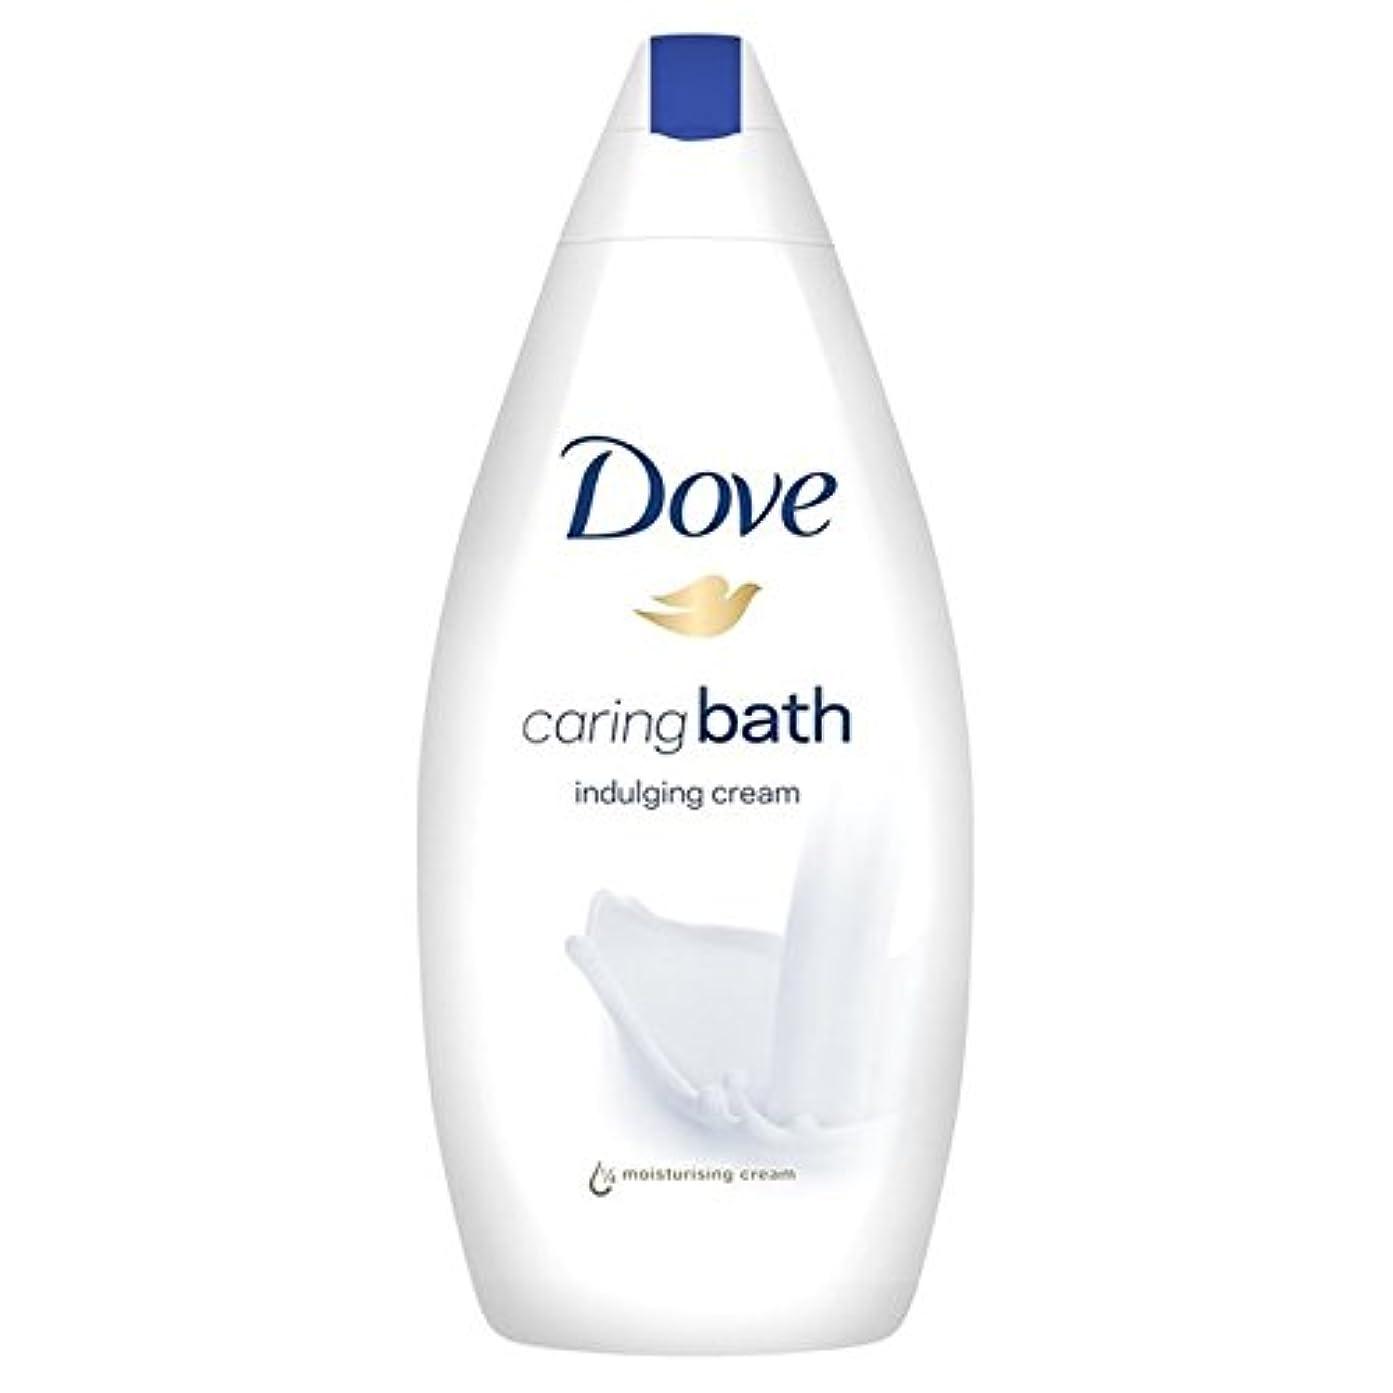 足音半島読書をするDove Indulging Caring Bath 500ml (Pack of 6) - 思いやりのバス500ミリリットルをふける鳩 x6 [並行輸入品]